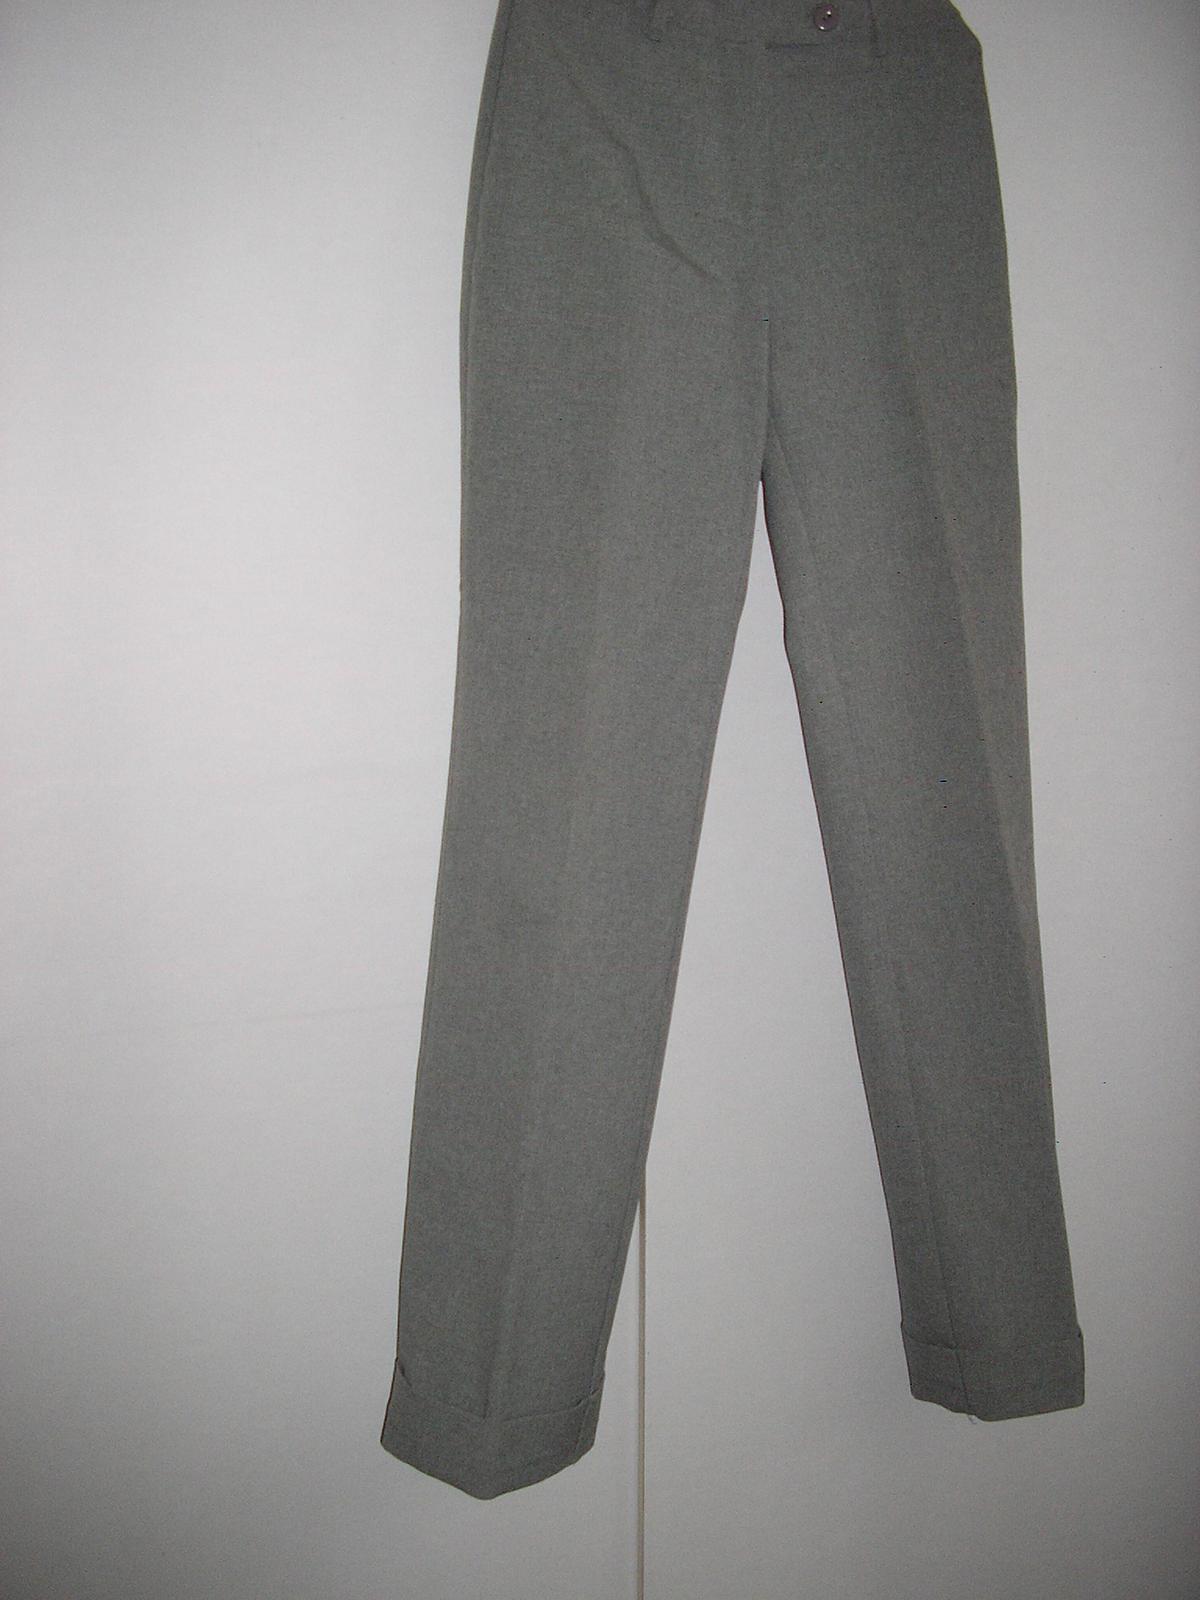 845. nohavice             - Obrázok č. 1